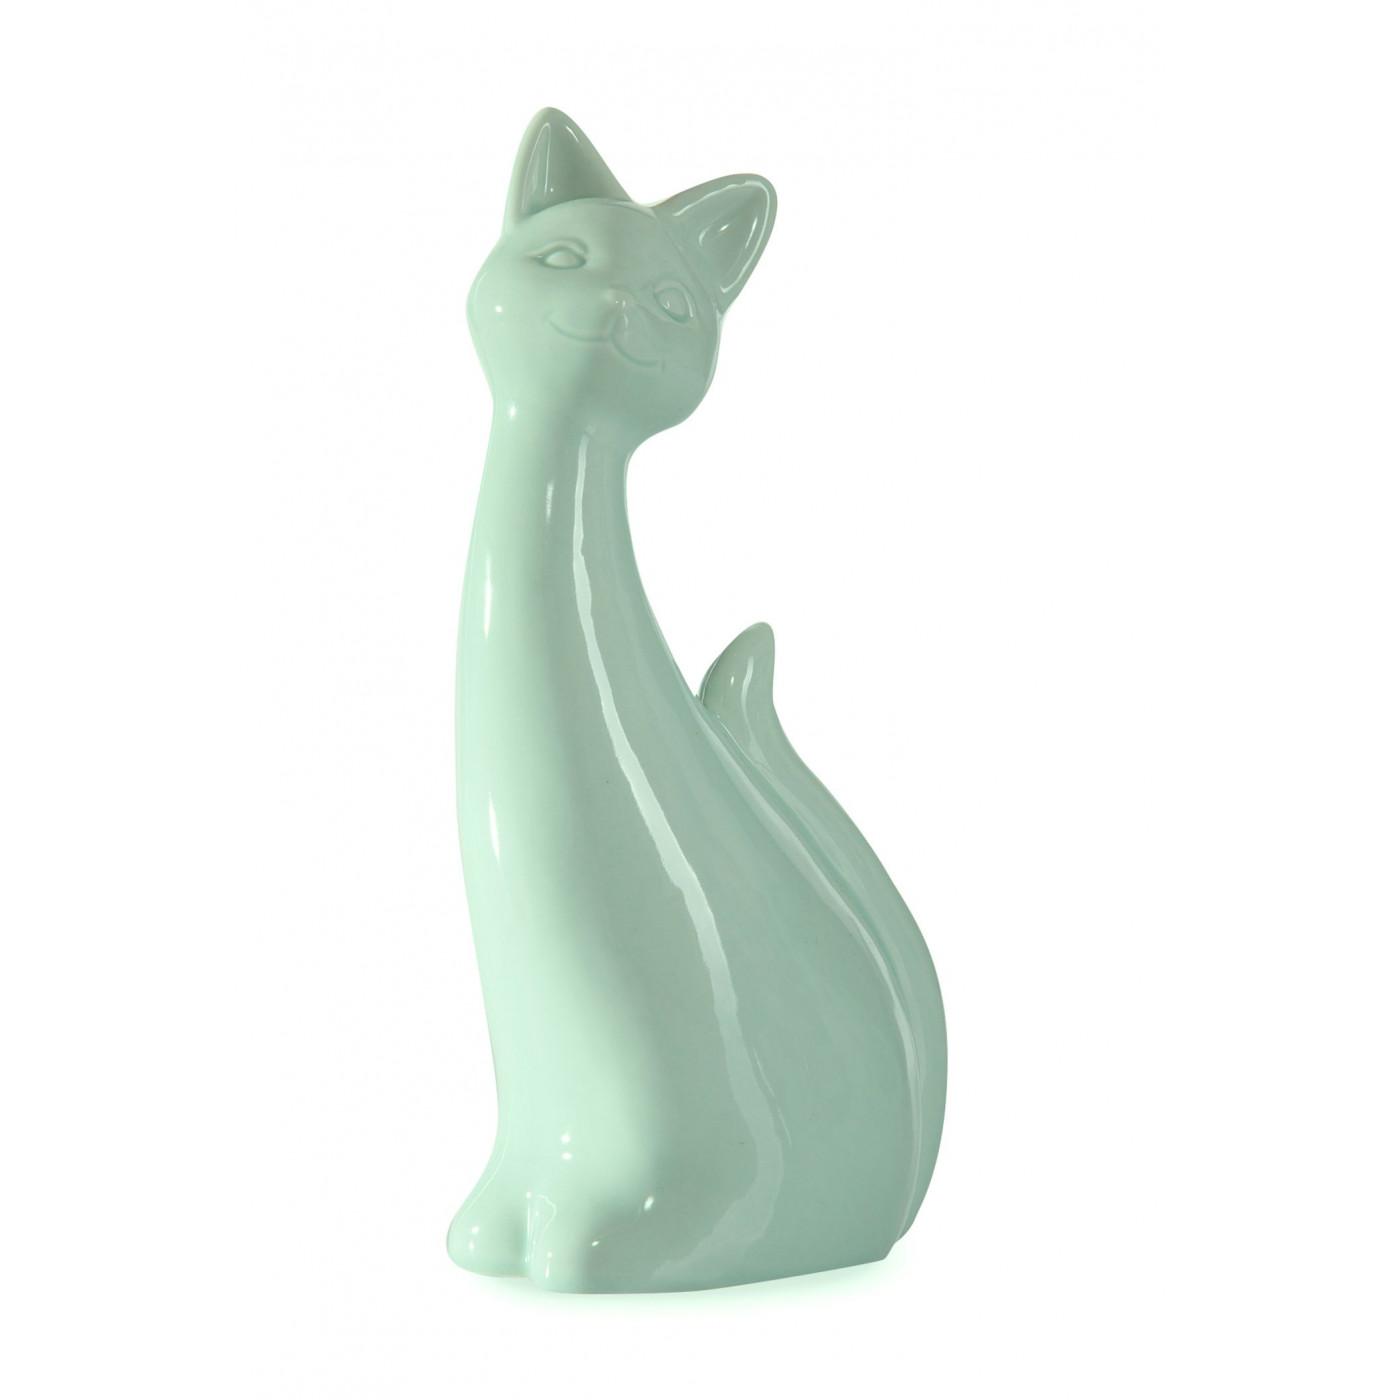 Figurka ceramiczna kot kolor miętowy 20 cm